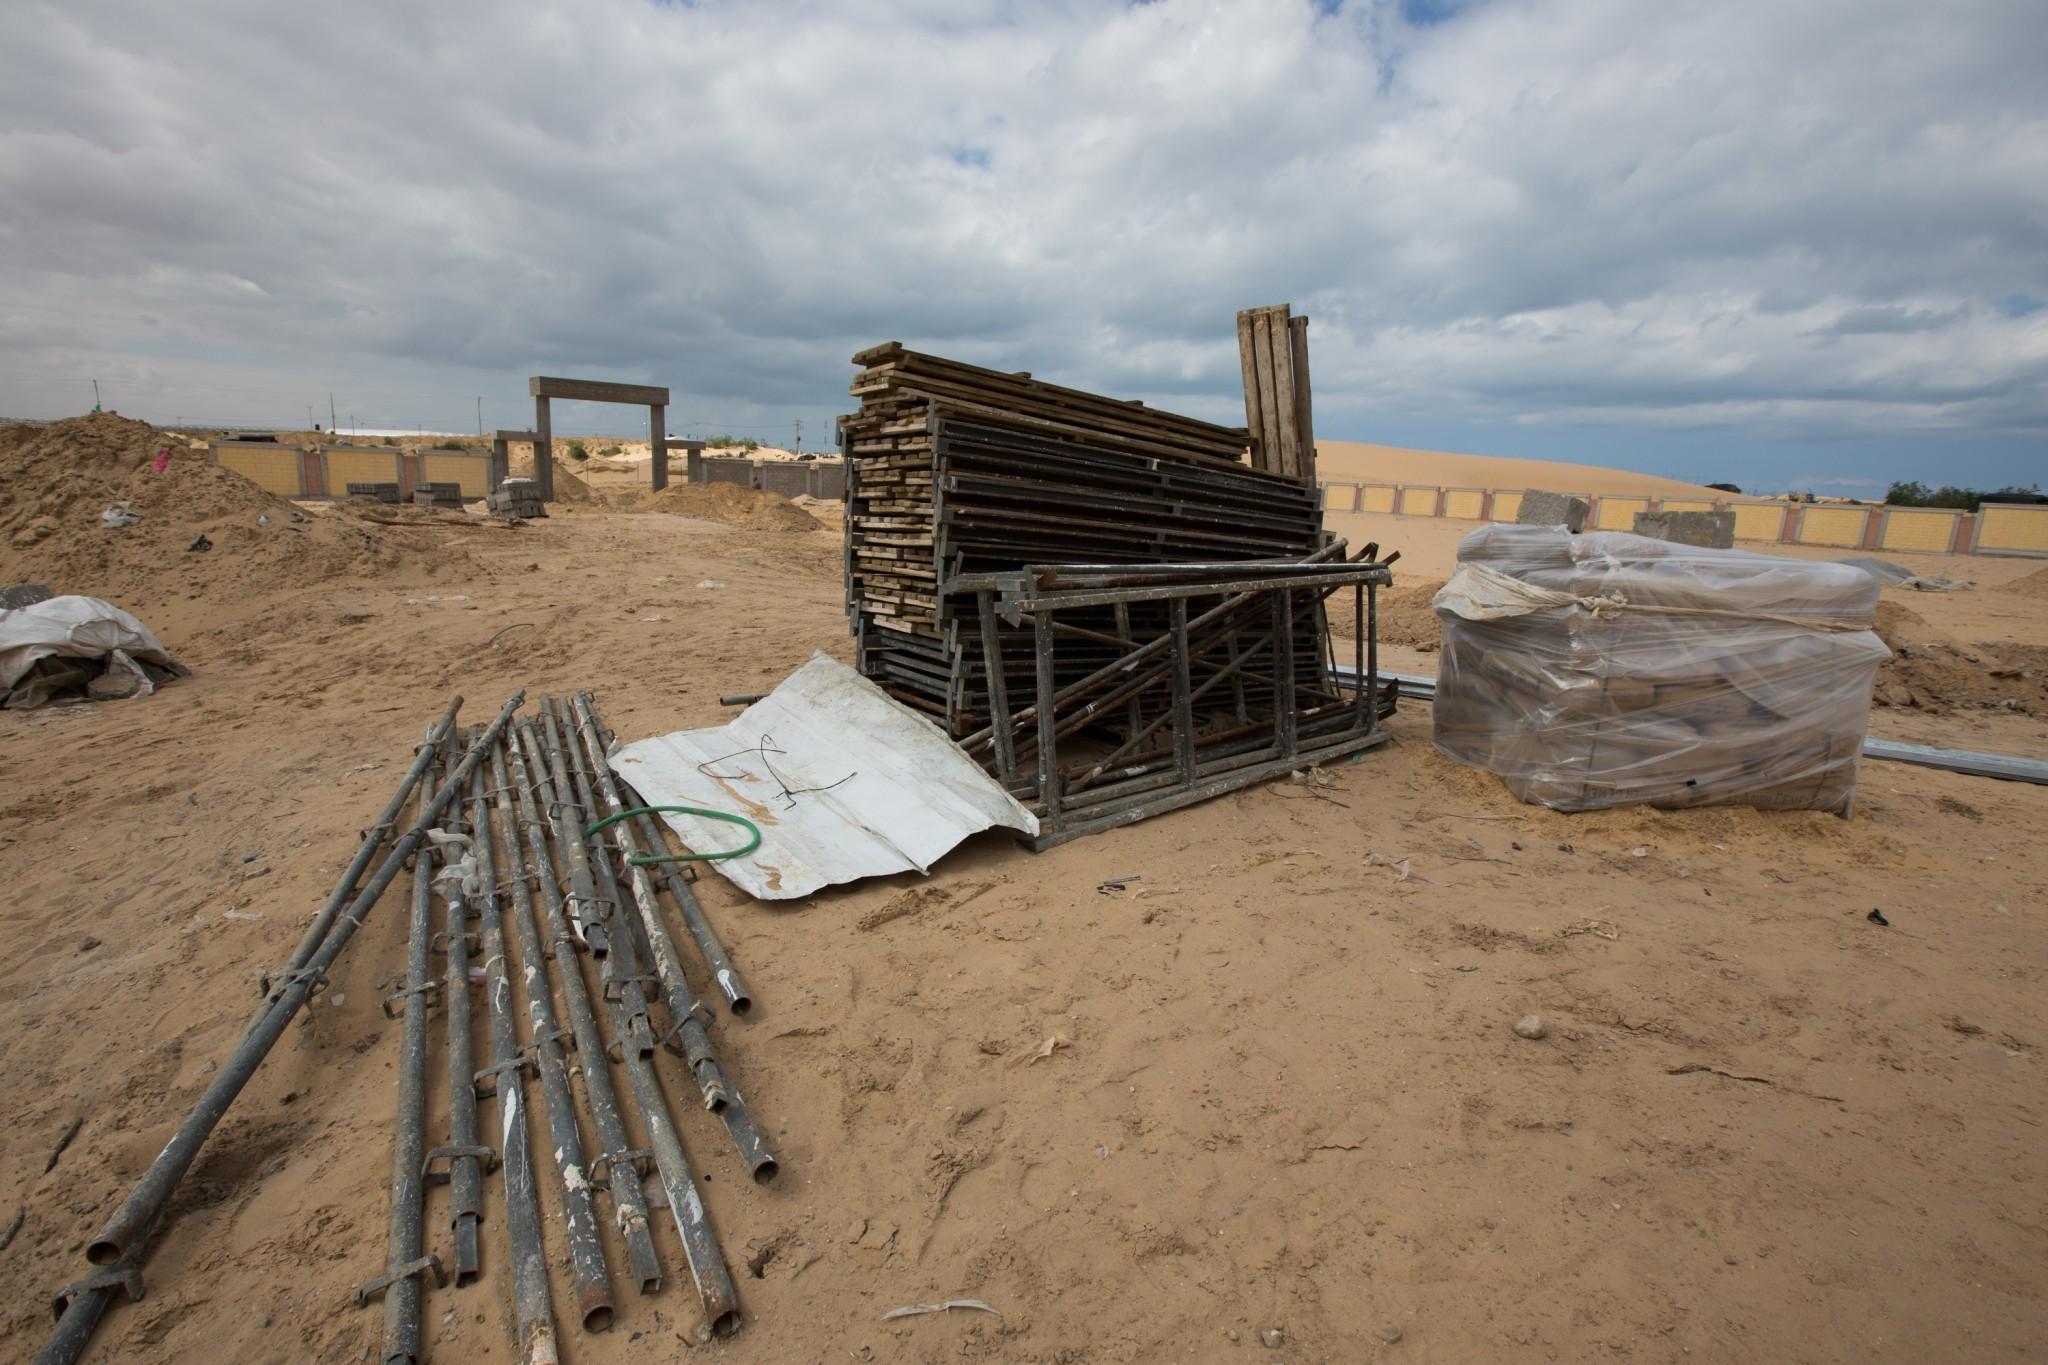 حوالي نصف هذه المواد استخدمت لمشاريع بناء تُموّلها حكومة قطر، والتي كان قد بدأ العمل فيها قبل بدء العمليات القتالية. تصوير: إيمان محمد